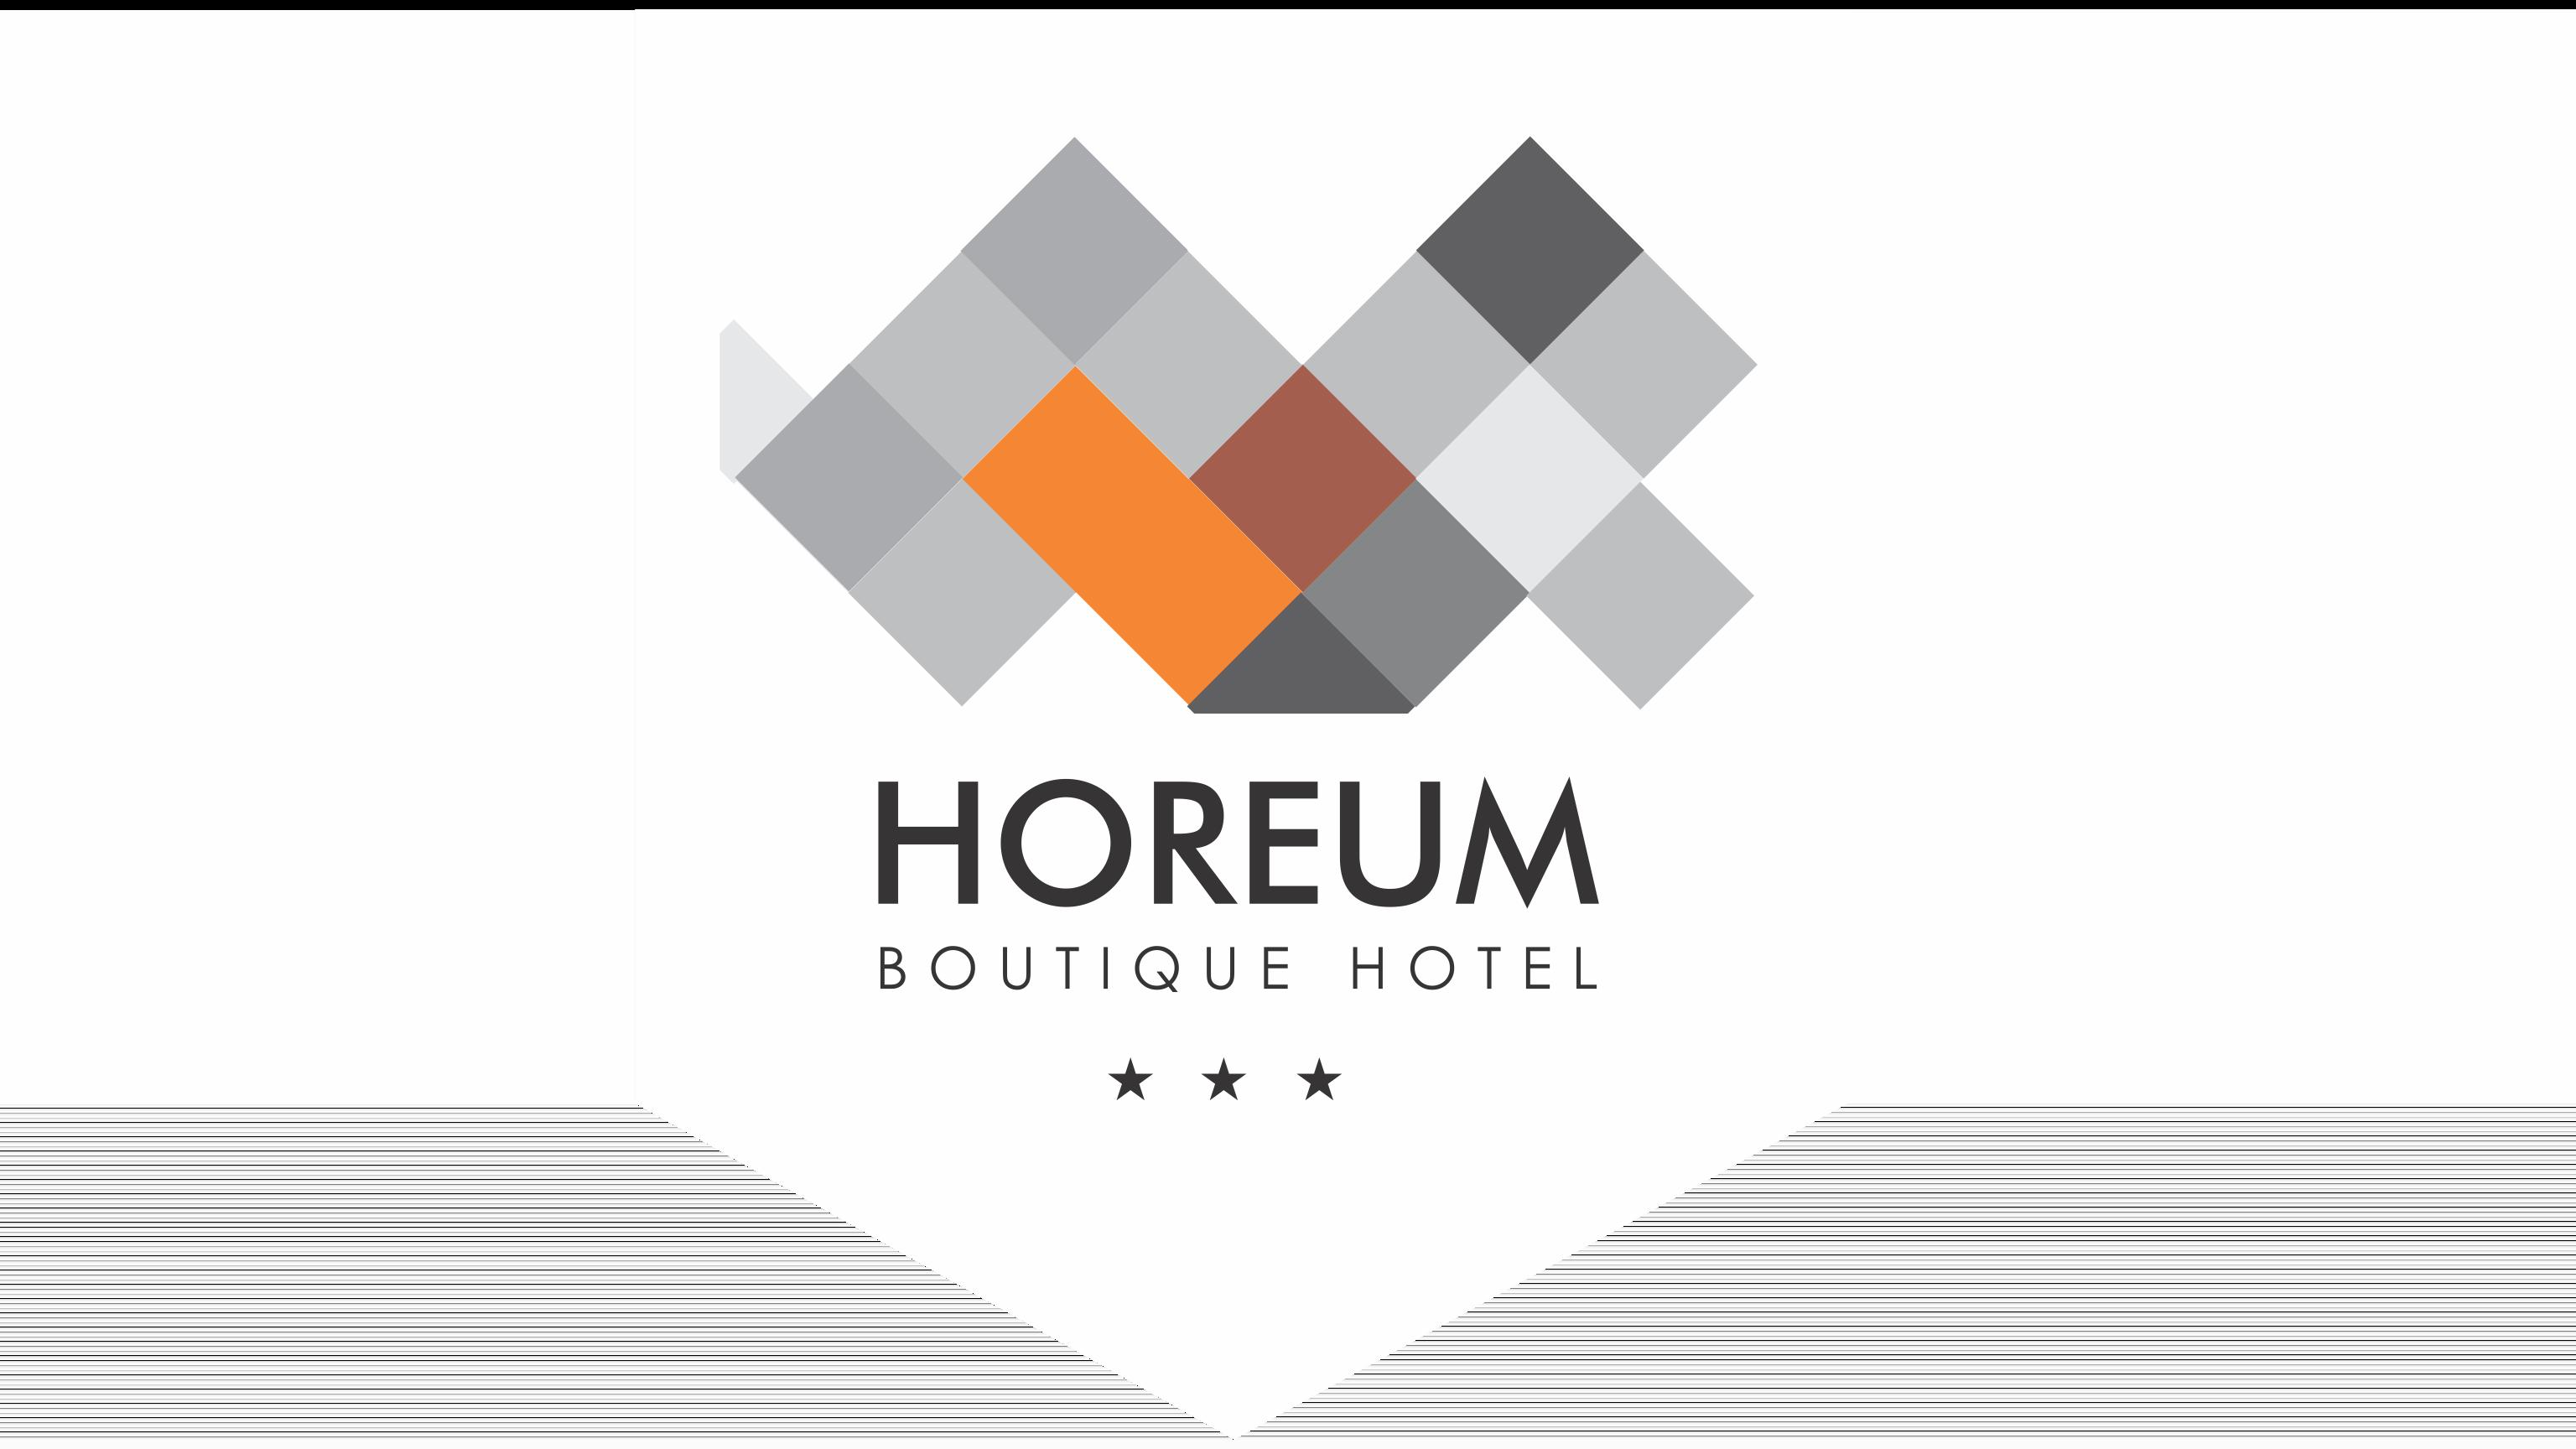 HOREUM BOUTIQUE HOTEL